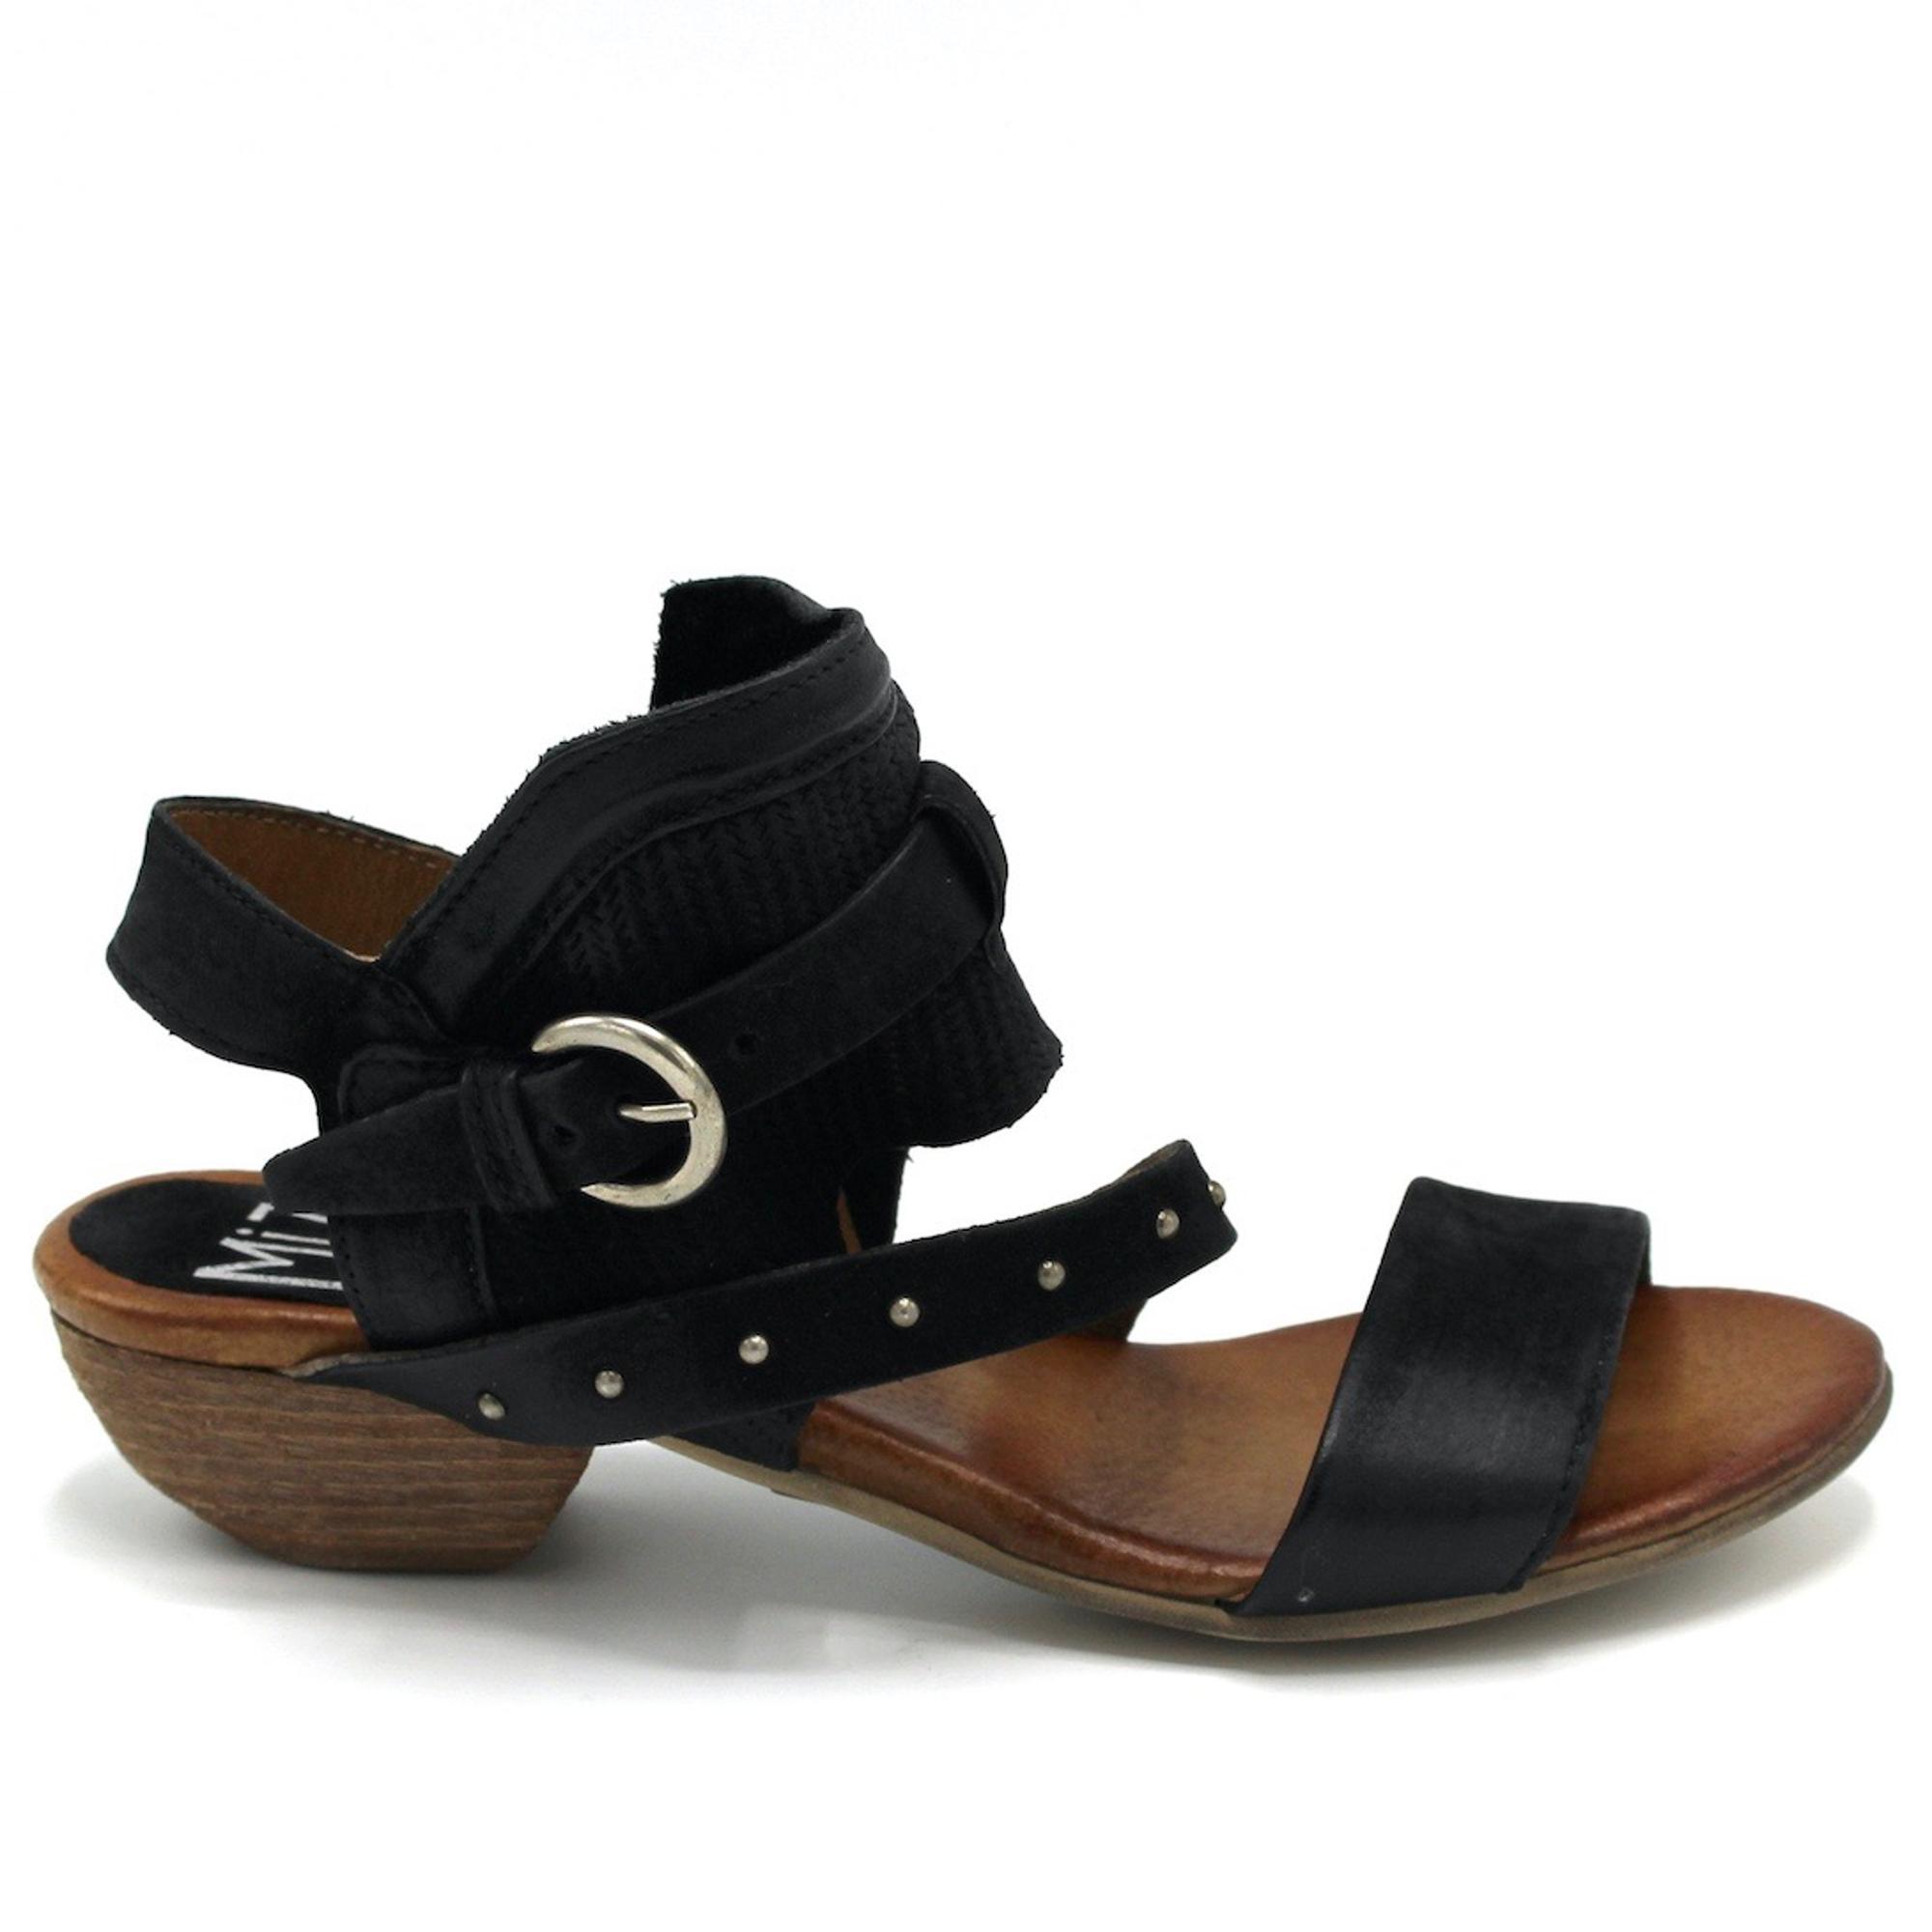 7a72ec73fe1 Sandals